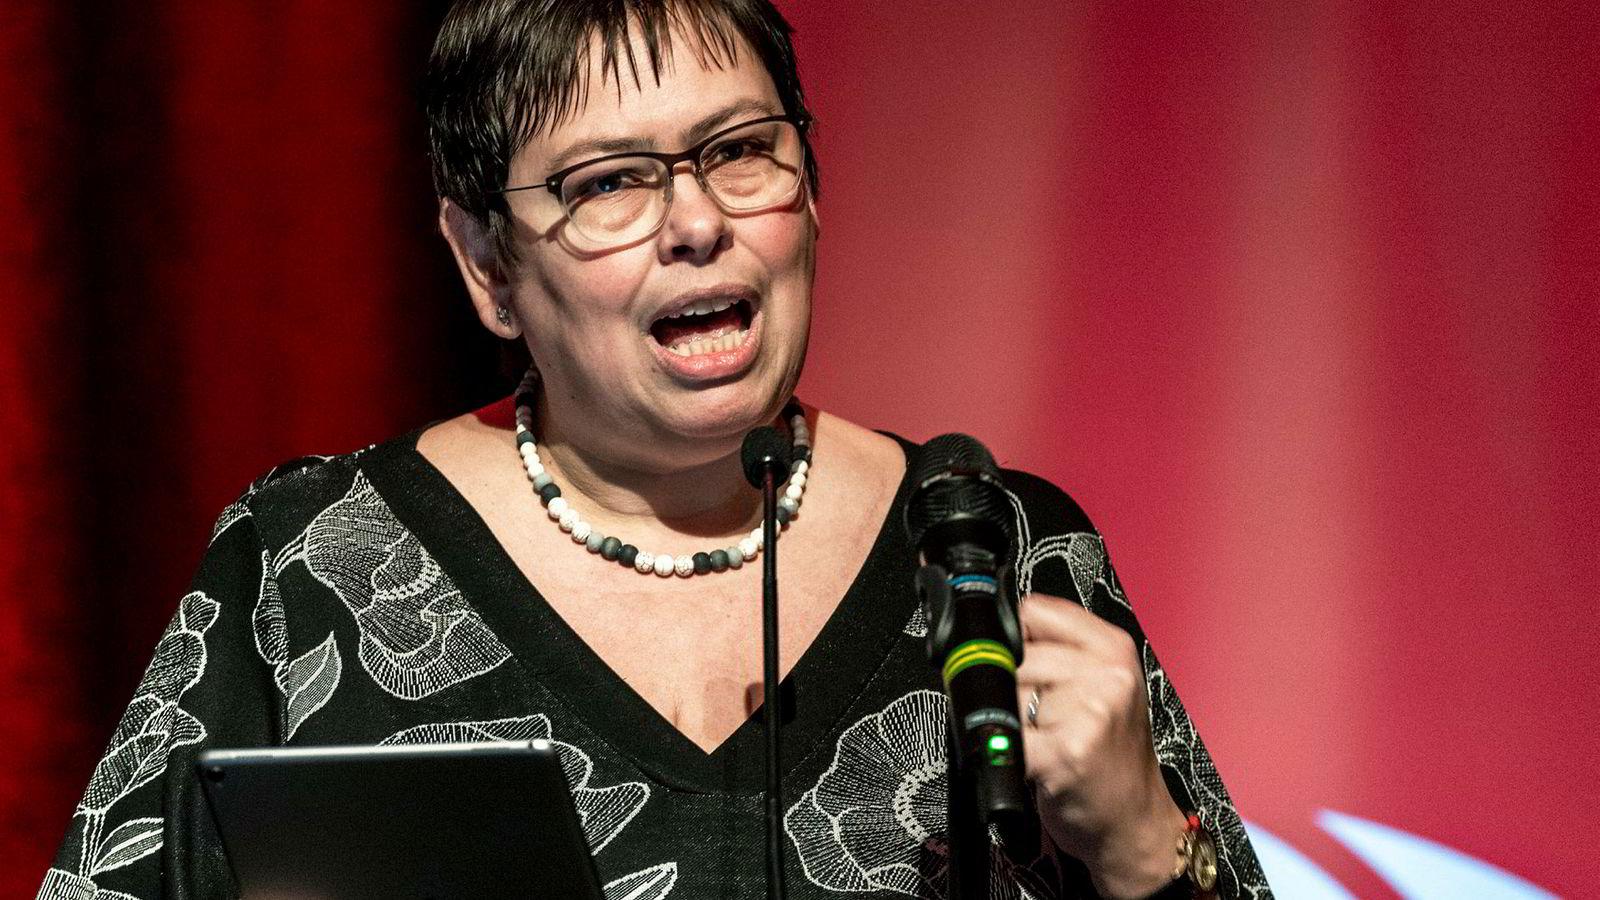 Krisevalg for Arbeiderpartiet i Trondheim, men Rita Ottervik fortsetter sannsynligvis som ordfører i byen.